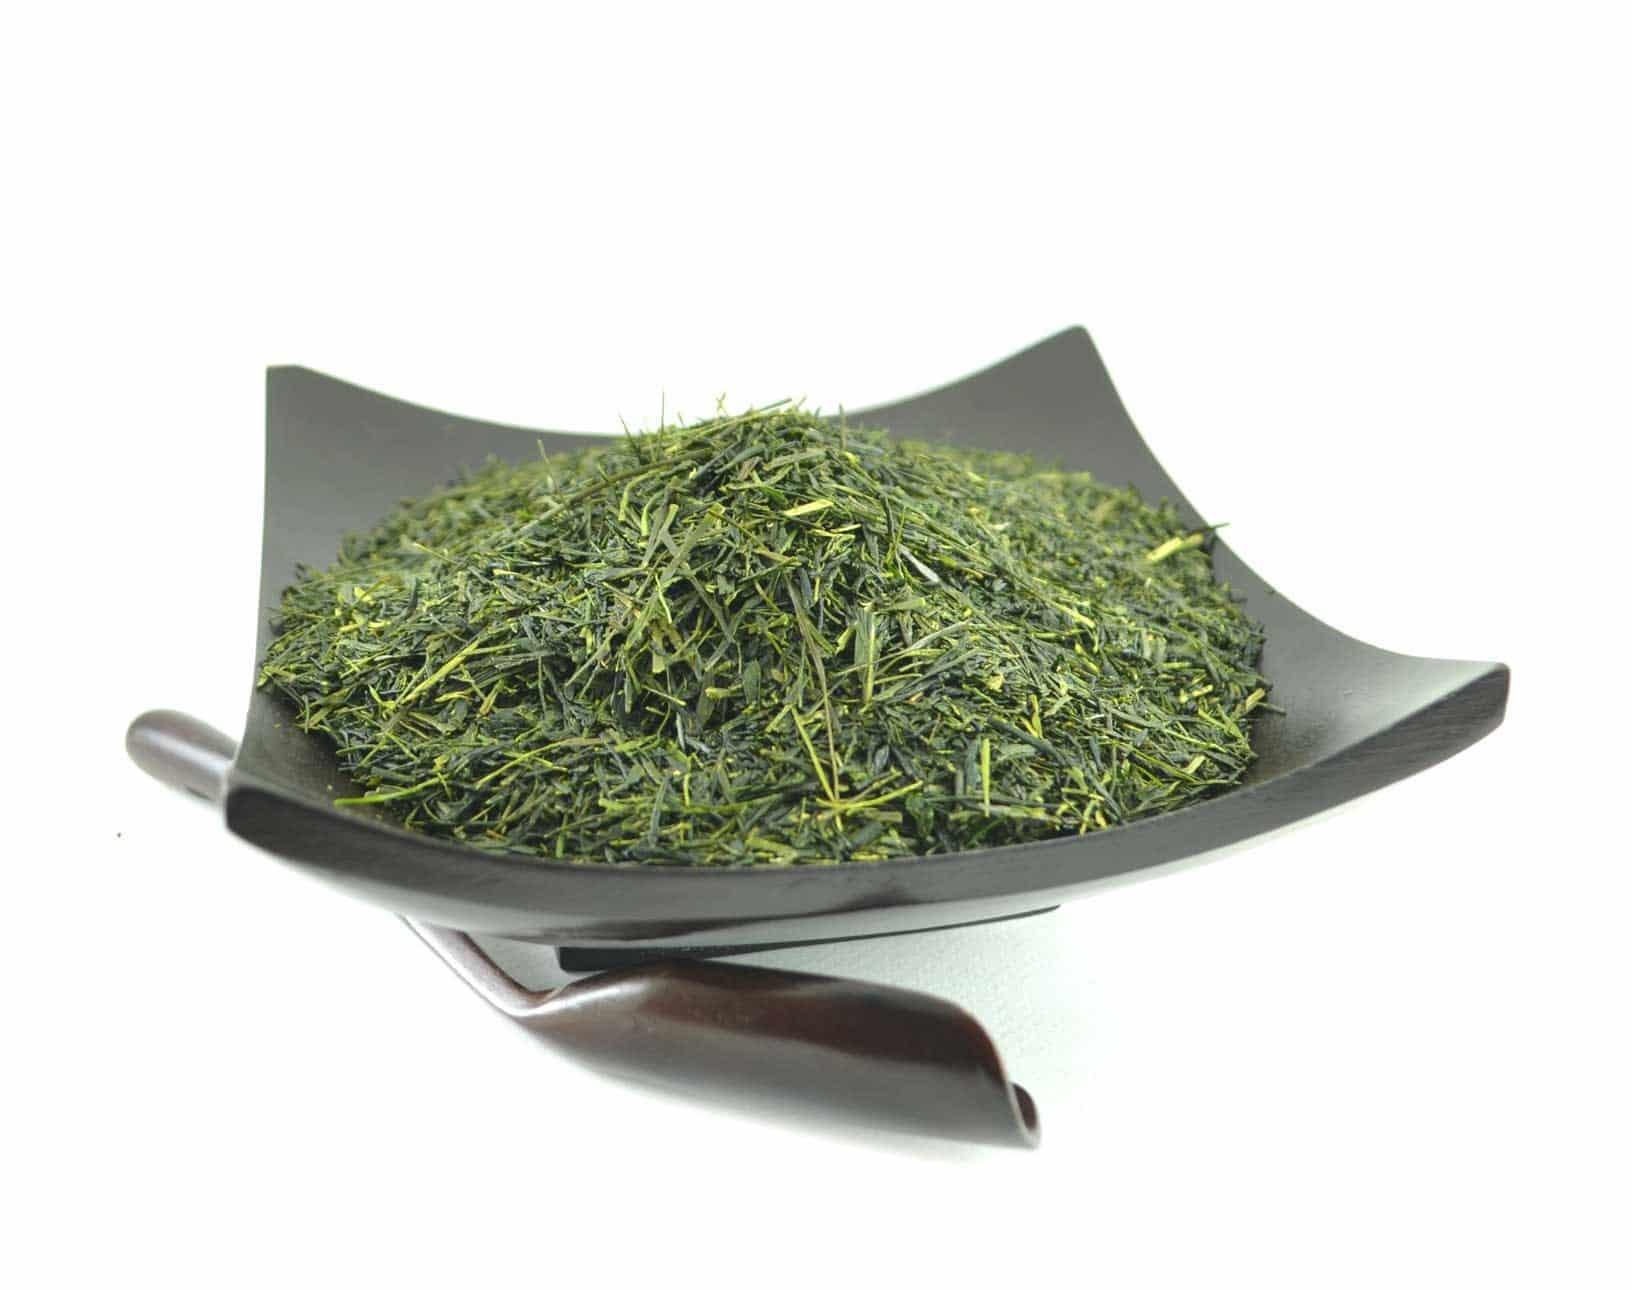 green tea 03 - ประเภทของชาเขียวมีอะไรบ้าง ที่คนชอบดื่มชาควรรู้